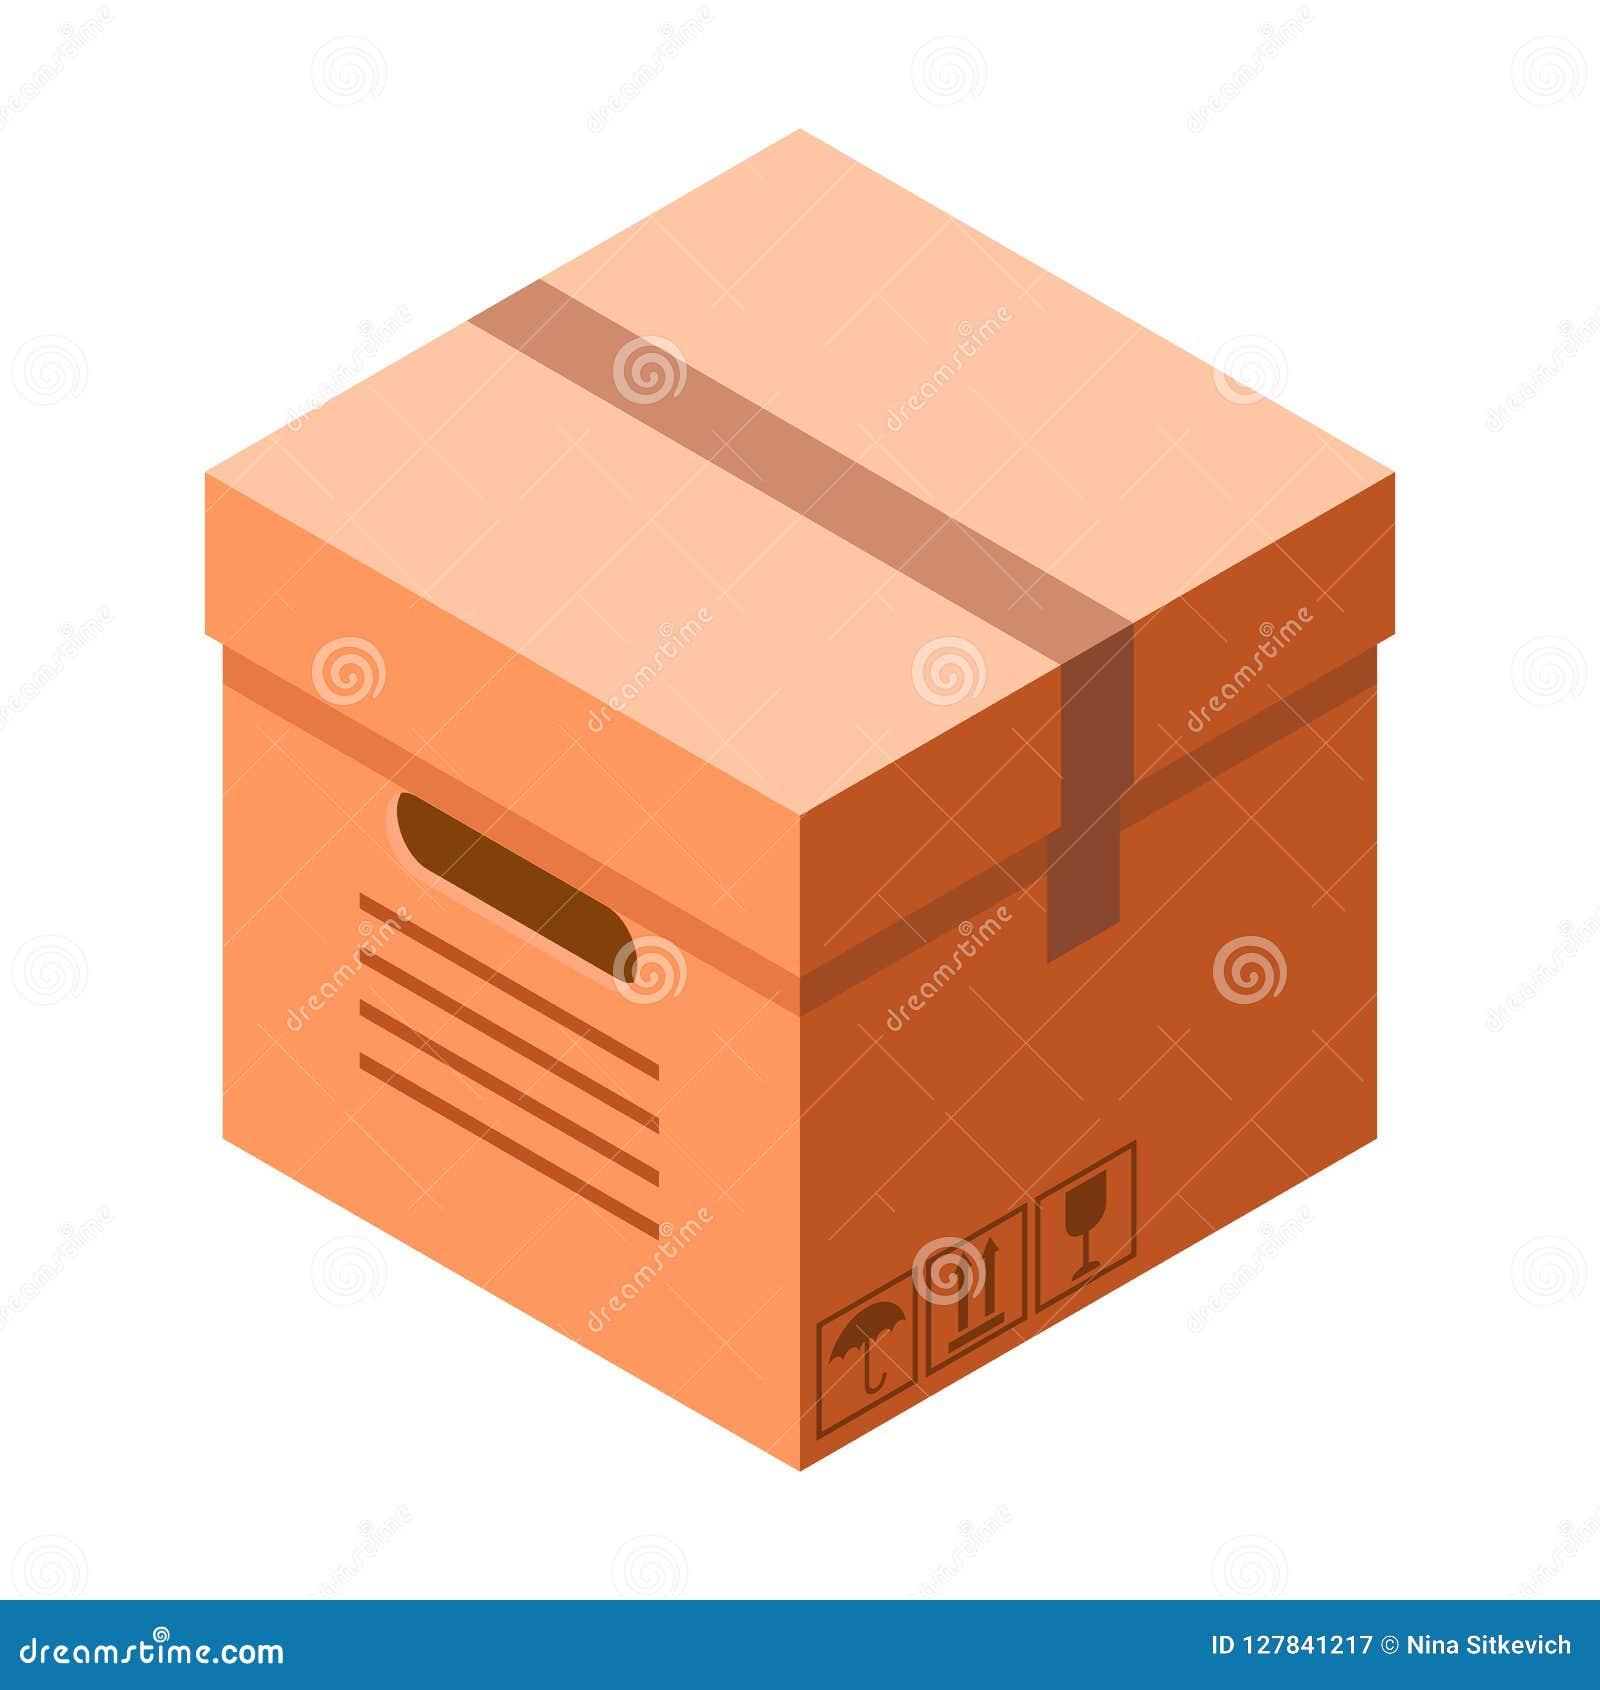 Icône de boîte en carton de la livraison, style isométrique